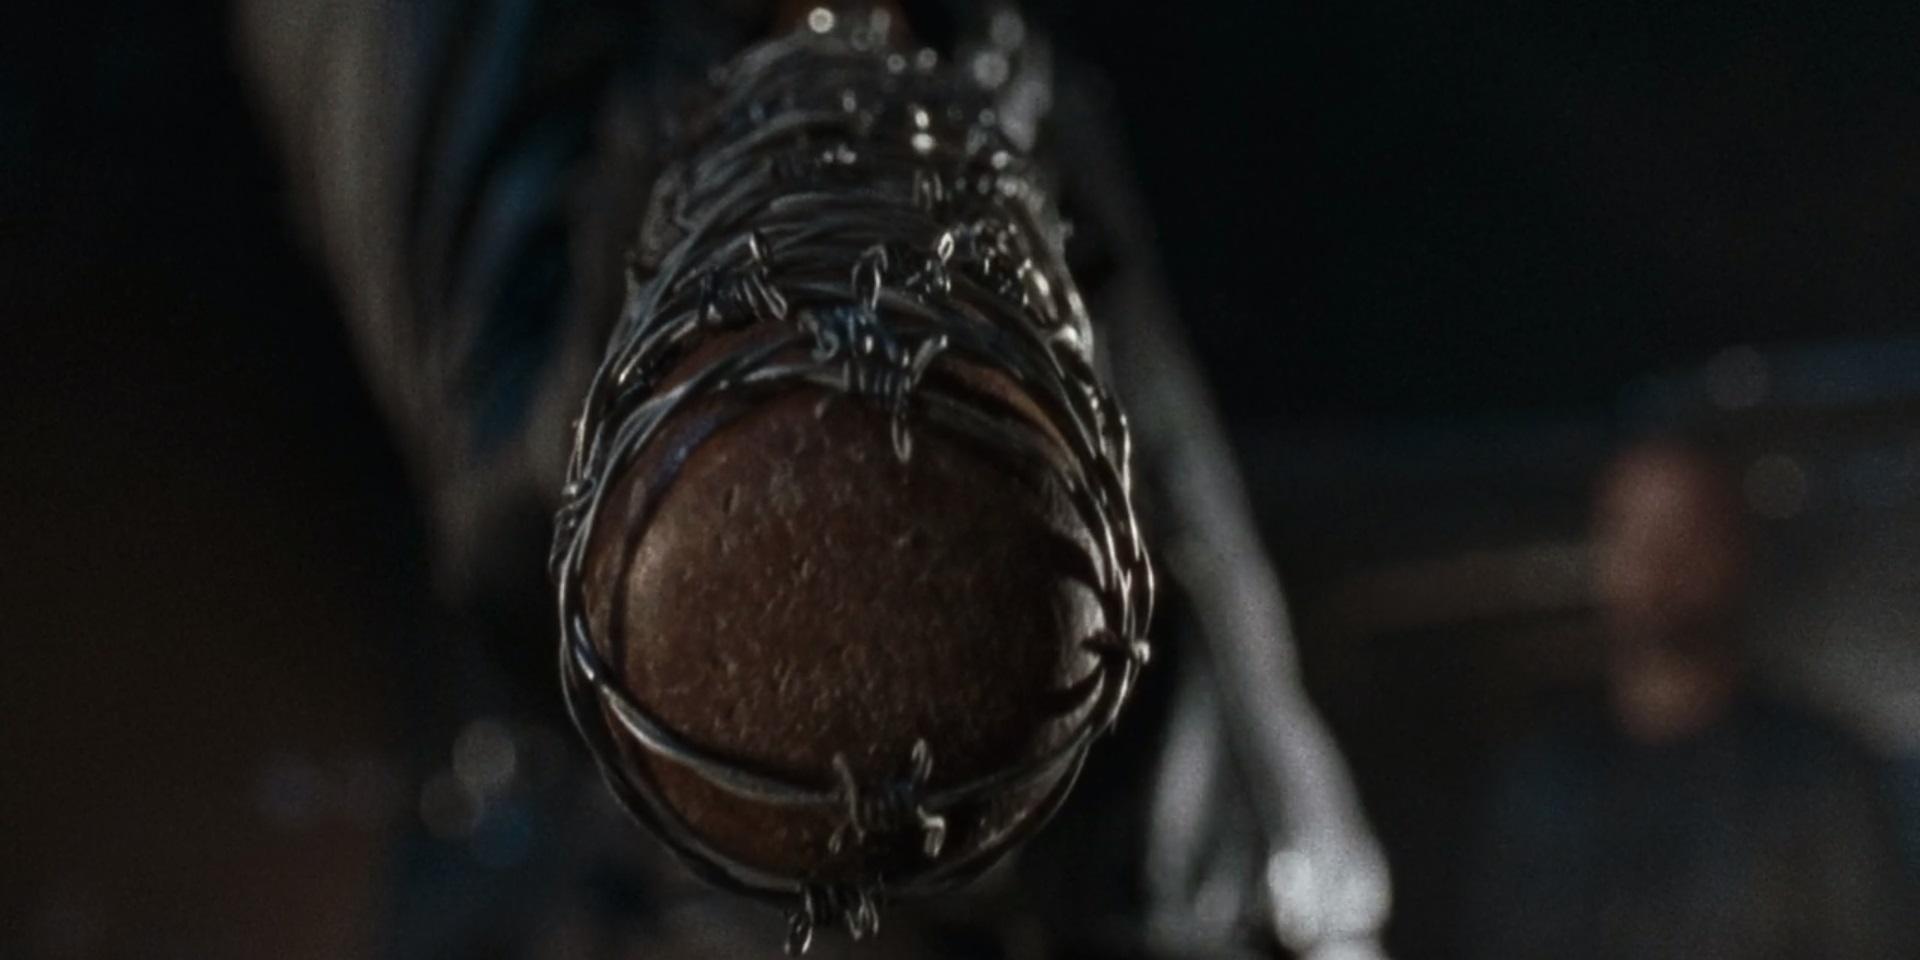 1 Walking Dead Negan holding Lucille Season Six Cliffhanger version 2 The Walking Dead Season 7 Premiere Was Planned for 2 Years